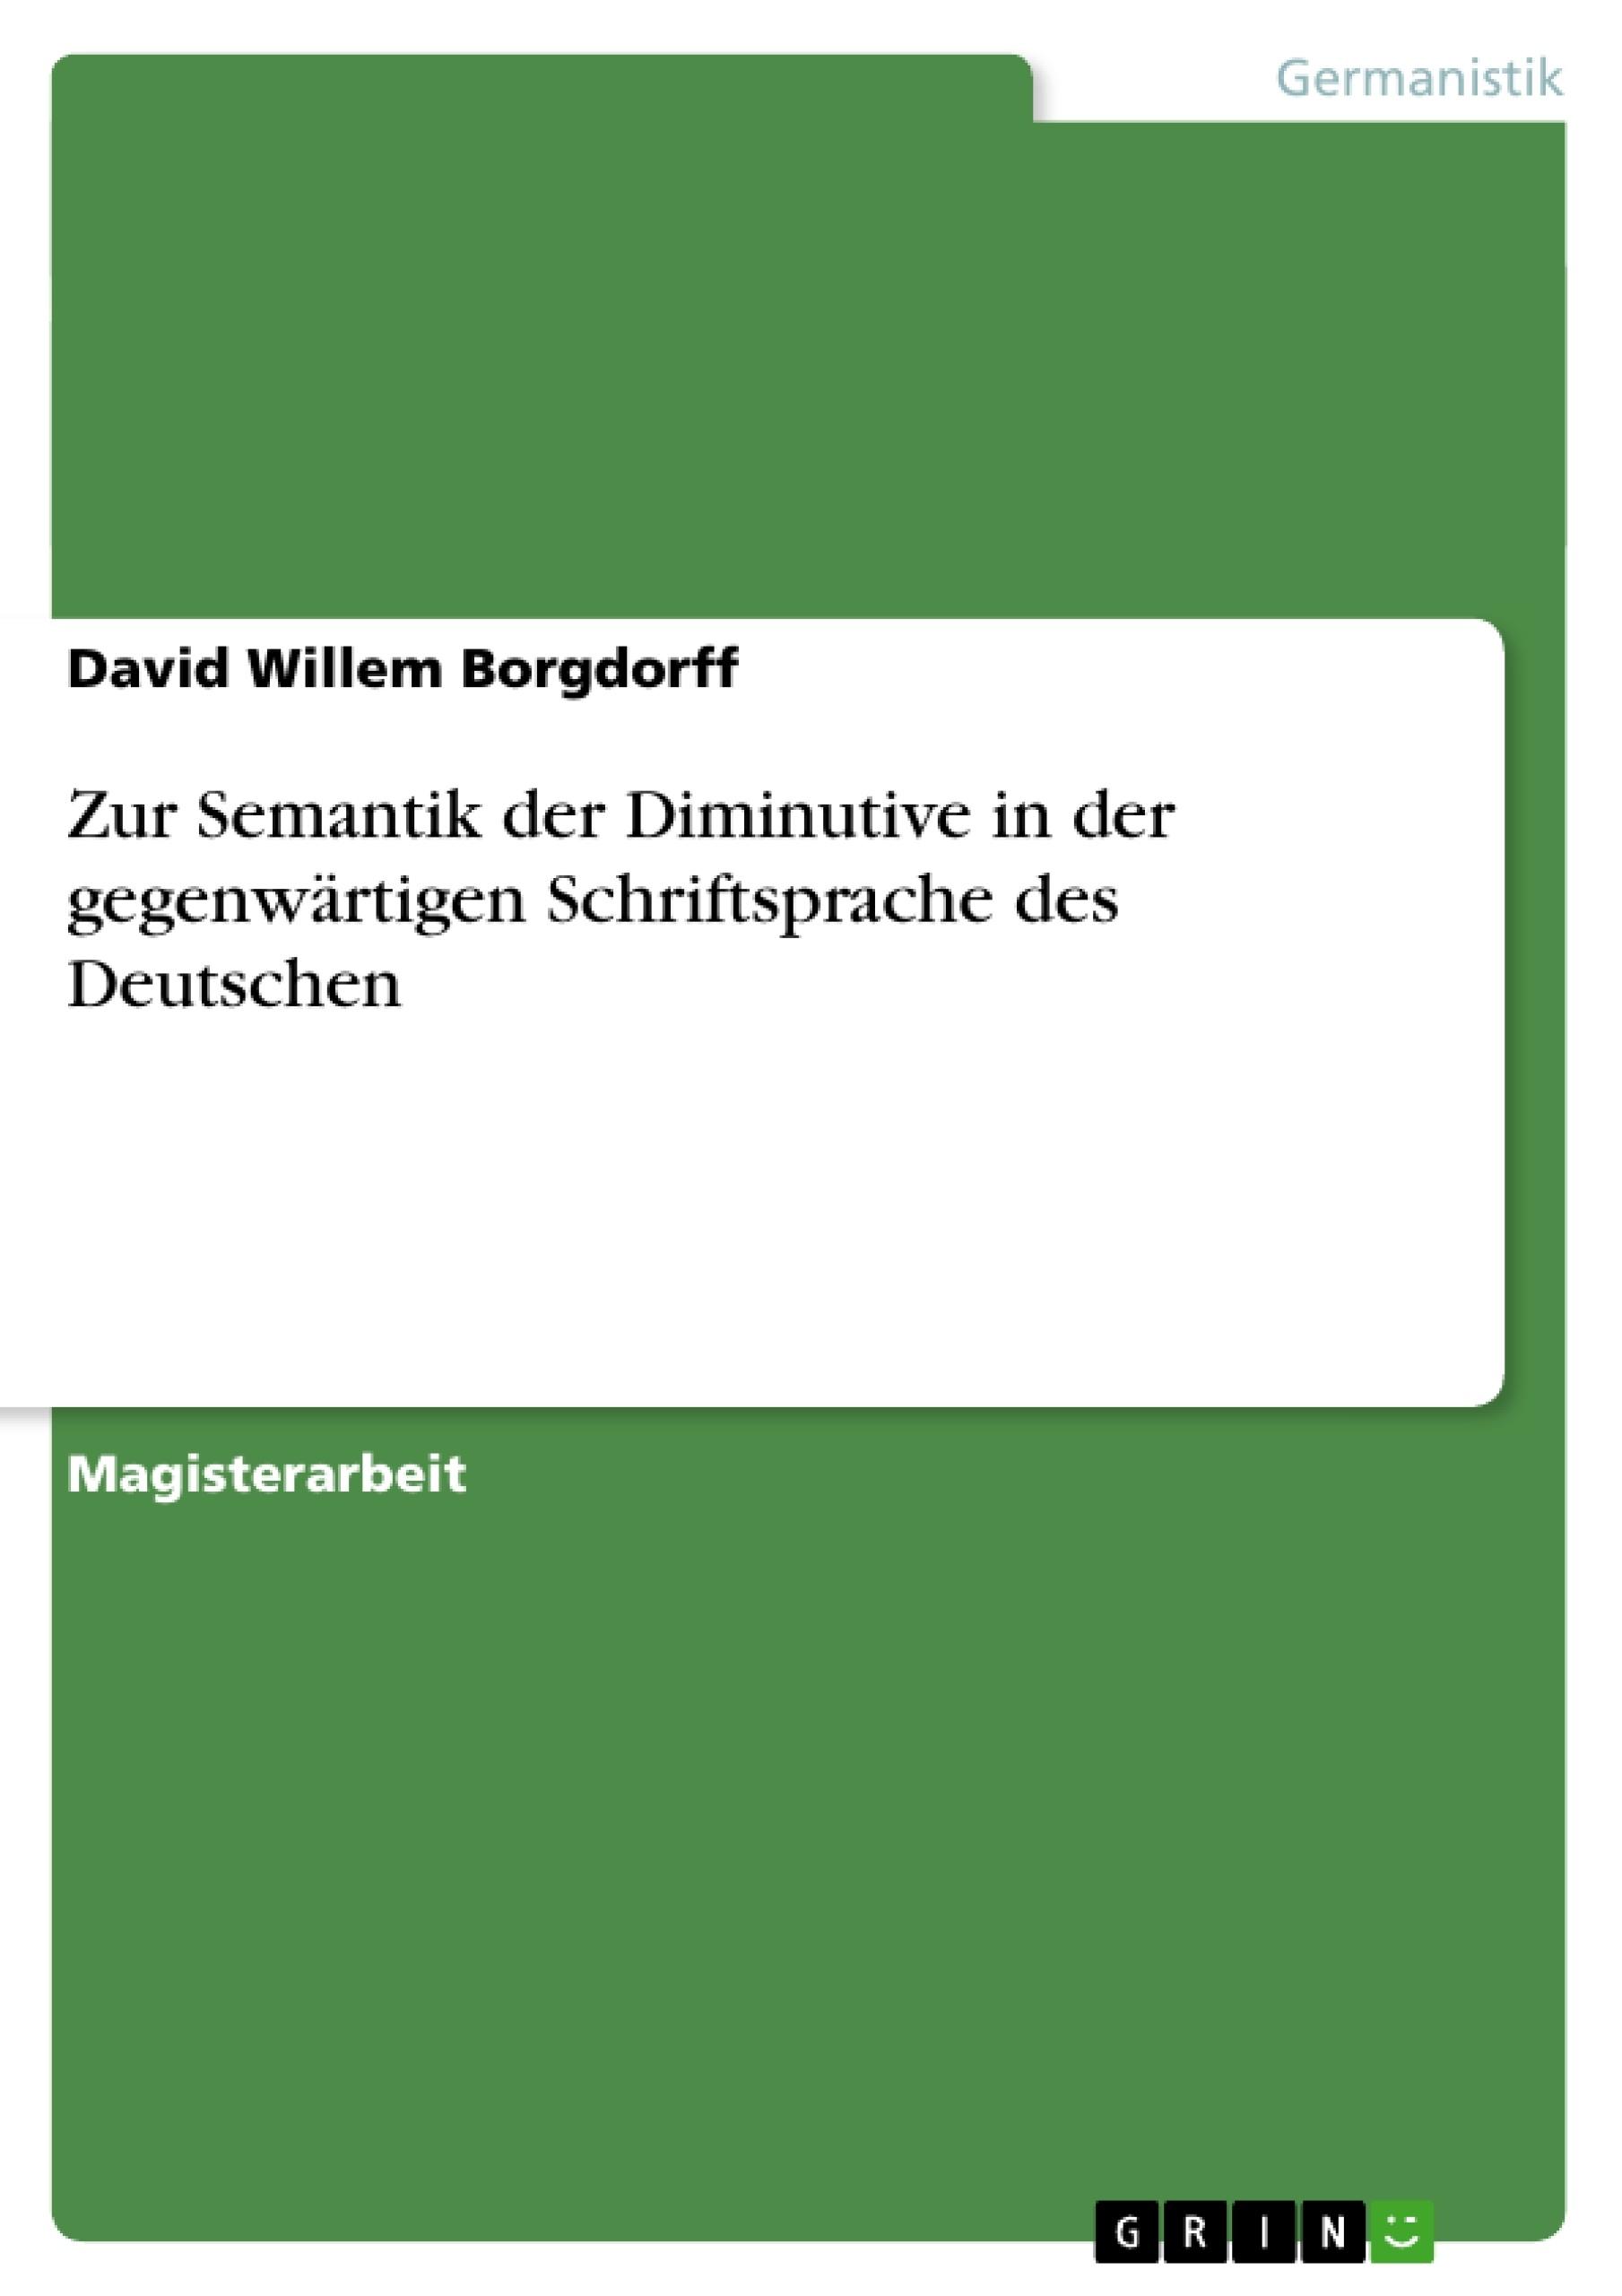 Titel: Zur Semantik der Diminutive in der gegenwärtigen Schriftsprache des Deutschen